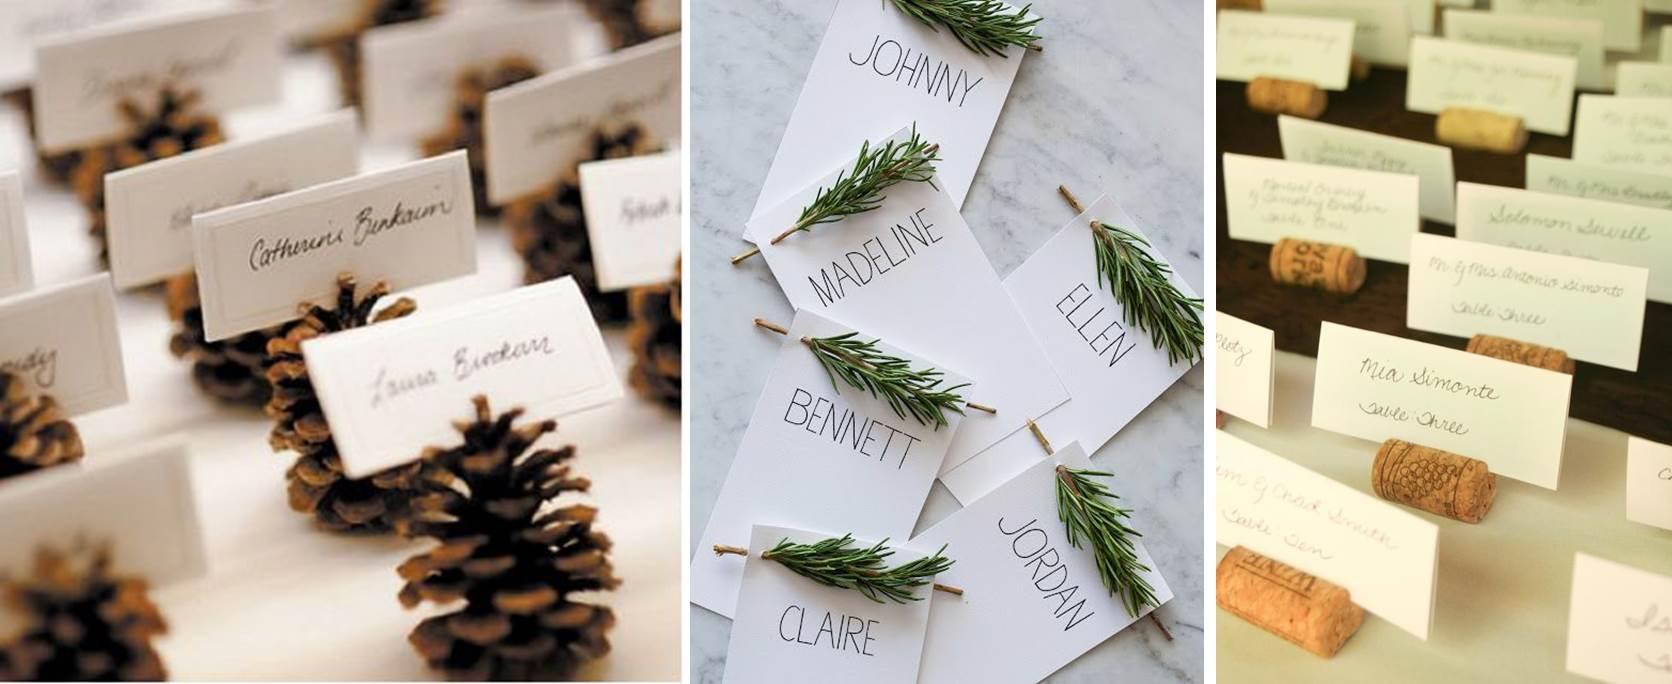 decoracin para que tu mesa luzca ms bonita que nunca with decoracion de mesas en navidad